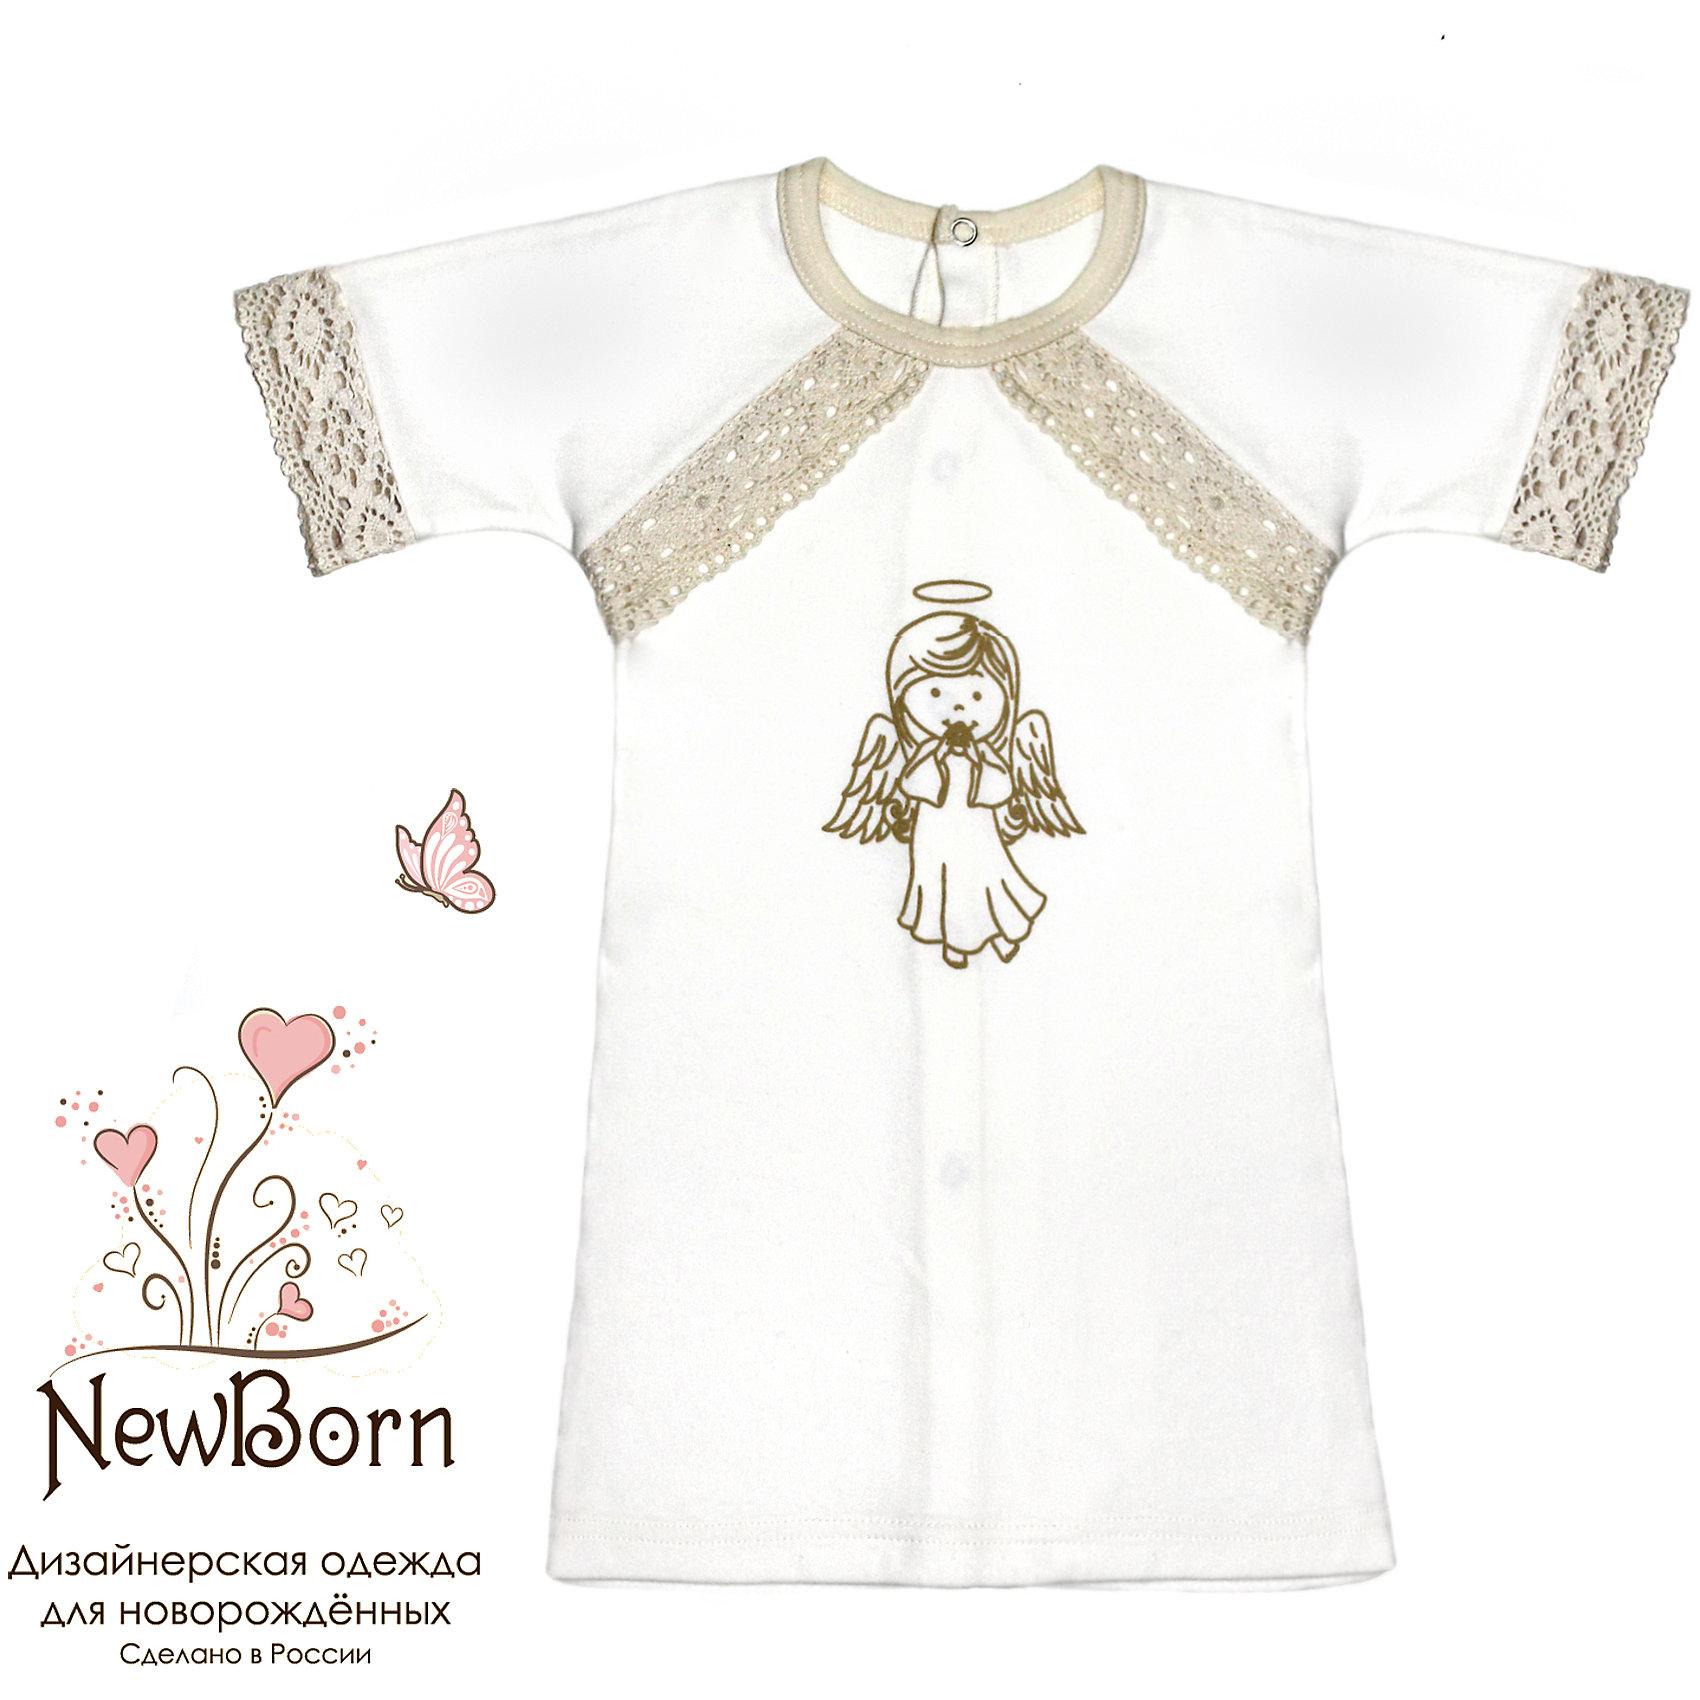 Крестильная рубашка с тесьмой, р-р 62, NewBorn, белыйХарактеристики:<br><br>• Вид детской одежды: рубашка<br>• Предназначение: для крещения<br>• Коллекция: NewBorn<br>• Сезон: круглый год<br>• Пол: для мальчика<br>• Тематика рисунка: ангелы<br>• Размер: 62<br>• Цвет: белый, золотистый<br>• Материал: трикотаж, хлопок<br>• Длина рукава: короткие<br>• Застежка: сзади на кнопке<br>• Декорирована широкой тесьмой золотистого цвета<br>• Передняя полочка украшена термонаклейкой в виде ангела и тесьмой<br>• Особенности ухода: допускается деликатная стирка без использования красящих и отбеливающих средств<br><br>Крестильная рубашка с тесьмой, р-р 62, NewBorn, белый из коллекции NewBorn от отечественного швейного производства ТексПром предназначено для создания праздничного образа мальчика во время торжественного обряда крещения. Рубашка представлена в коллекции NewBorn, которая сочетает в себе классические и современные тенденции в мире моды для новорожденных, при этом при технологии изготовления детской одежды сохраняются самые лучшие традиции: свободный крой, внешние швы и натуральные ткани. Рубашка с короткими рукавами и круглой горловиной, обработанной бейкой из трикотажа золотистого цвета. Застежка на кнопках предусмотрена на спинке, что обеспечивает ее легкое одевание. Праздничный образ создается за счет отделки рукавов, и передней полочки широким кружевом золотистого цвета и термонаклейки в виде ангела. <br><br>Крестильную рубашку с тесьмой, р-р 62, NewBorn, белый можно купить в нашем интернет-магазине.<br><br>Ширина мм: 130<br>Глубина мм: 5<br>Высота мм: 130<br>Вес г: 50<br>Возраст от месяцев: 0<br>Возраст до месяцев: 3<br>Пол: Унисекс<br>Возраст: Детский<br>SKU: 4912510